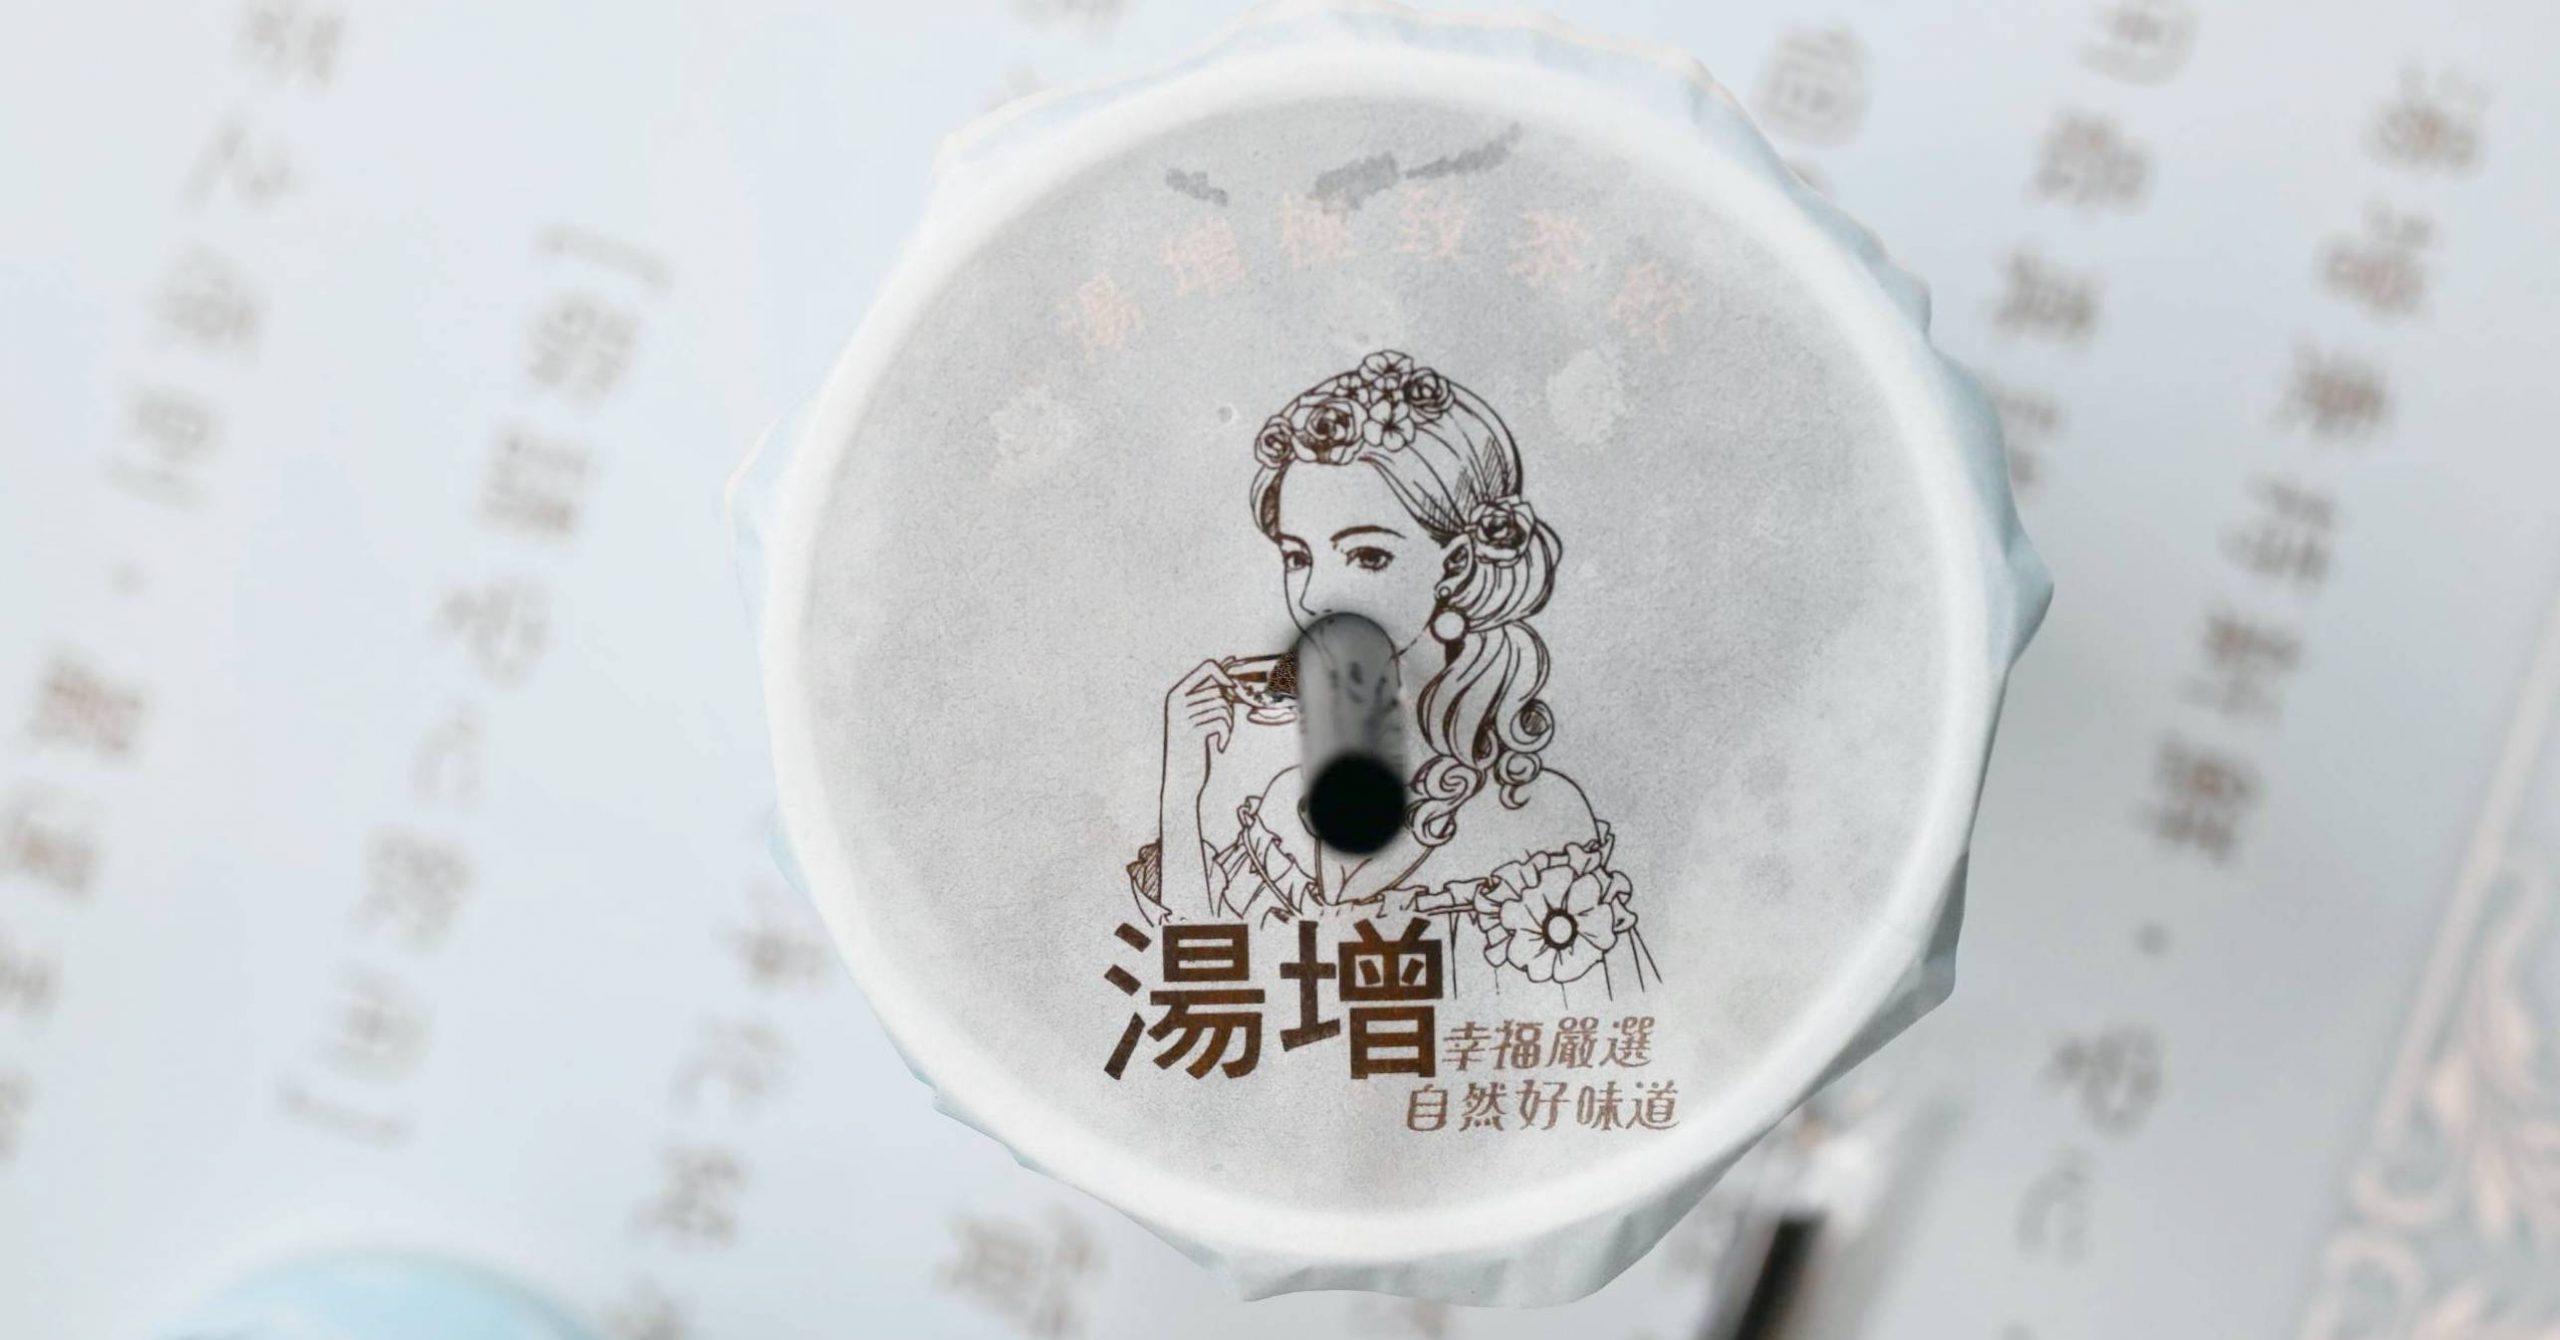 湯增鮮果頂級茶飲|基隆飲料推薦-老牌在地飲料 (菜單)